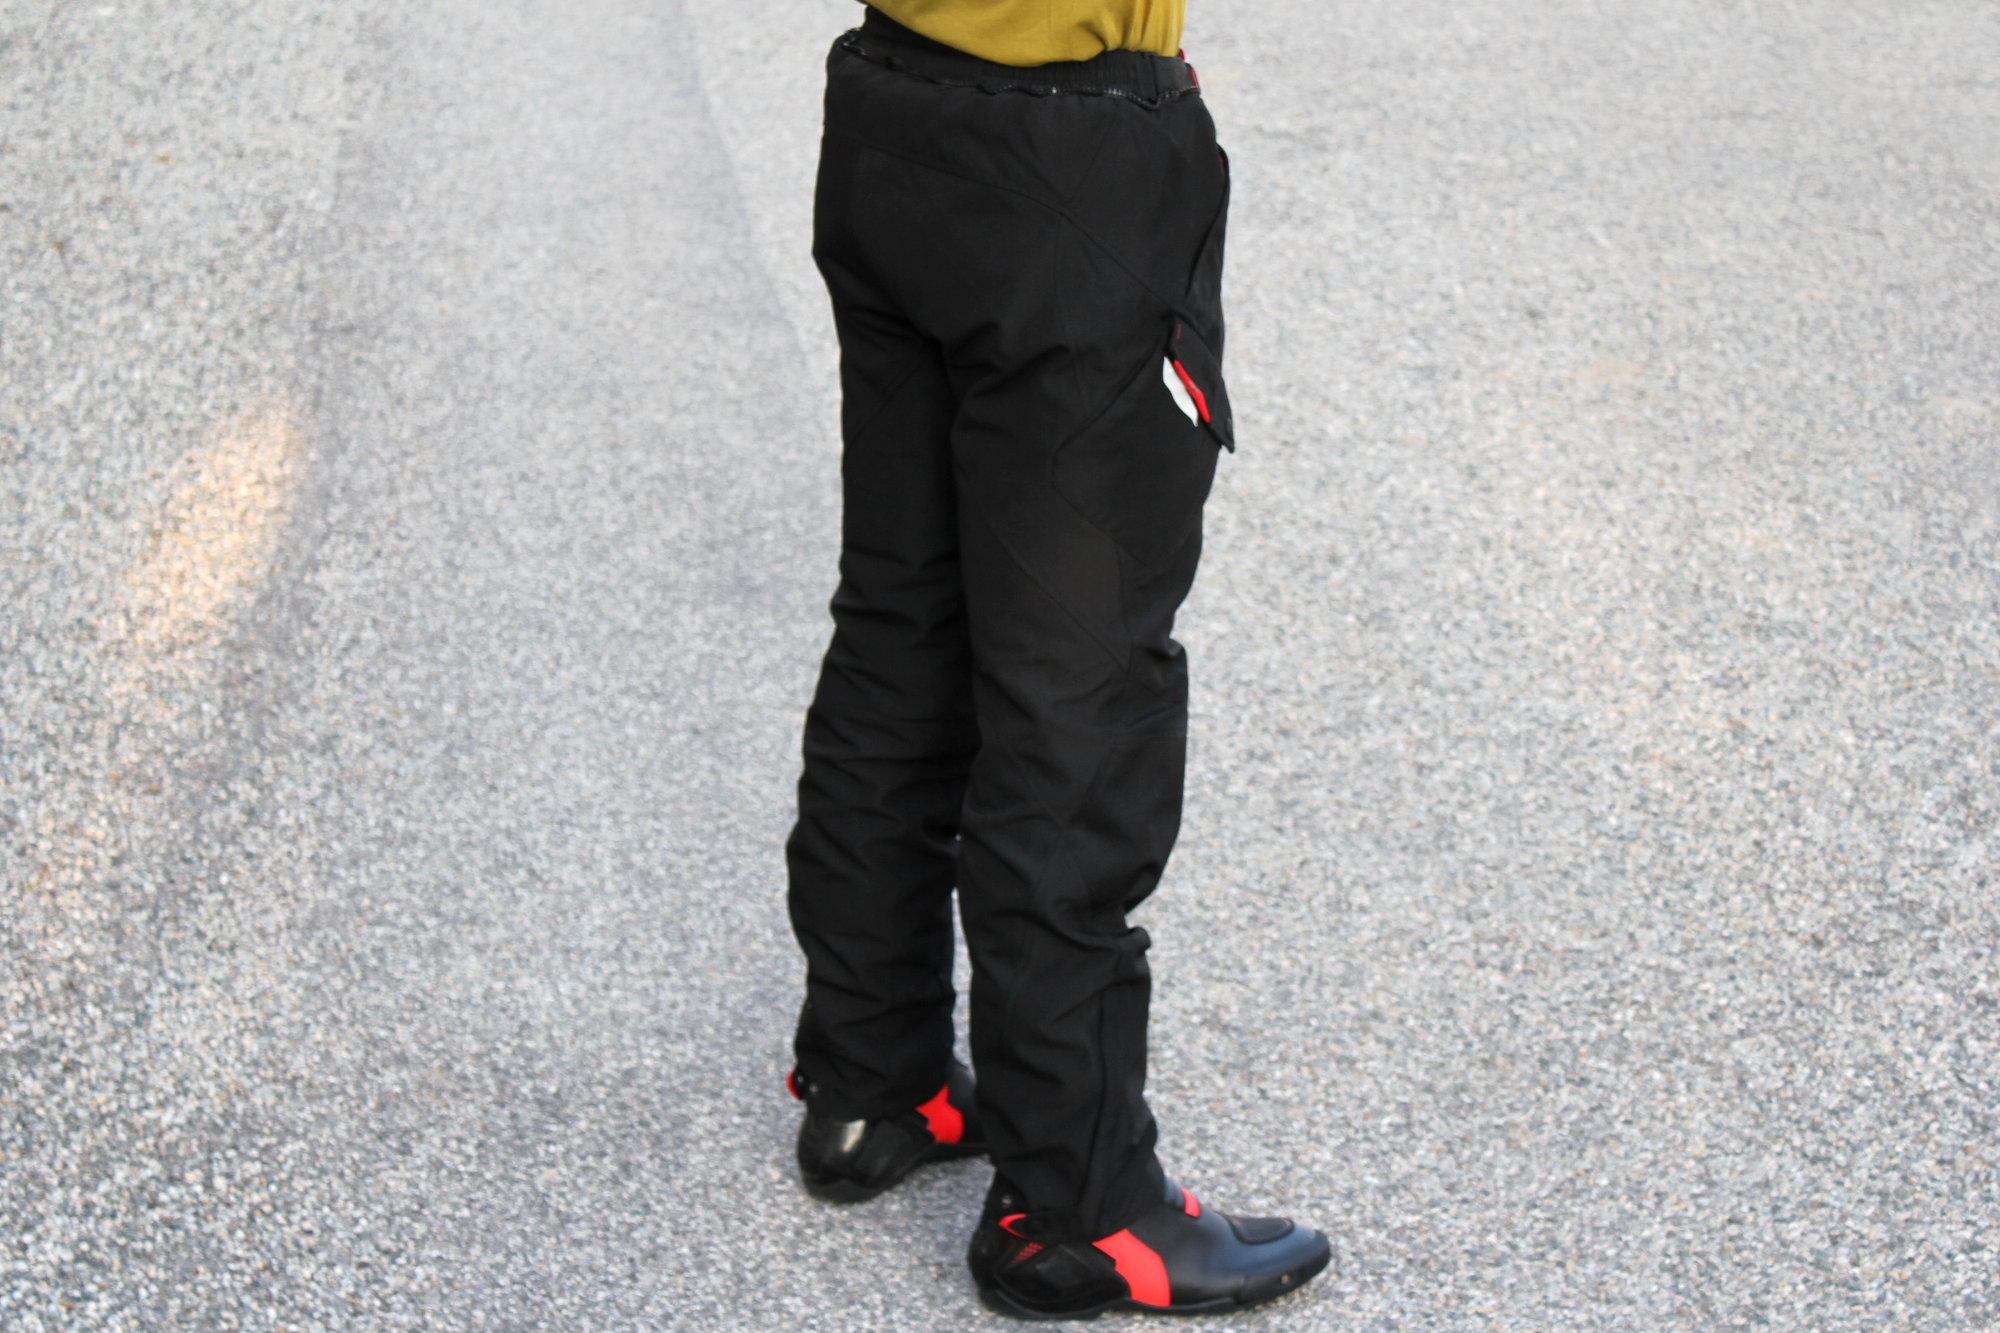 Le pantalon Ixon Crosstour offre une coupe ample